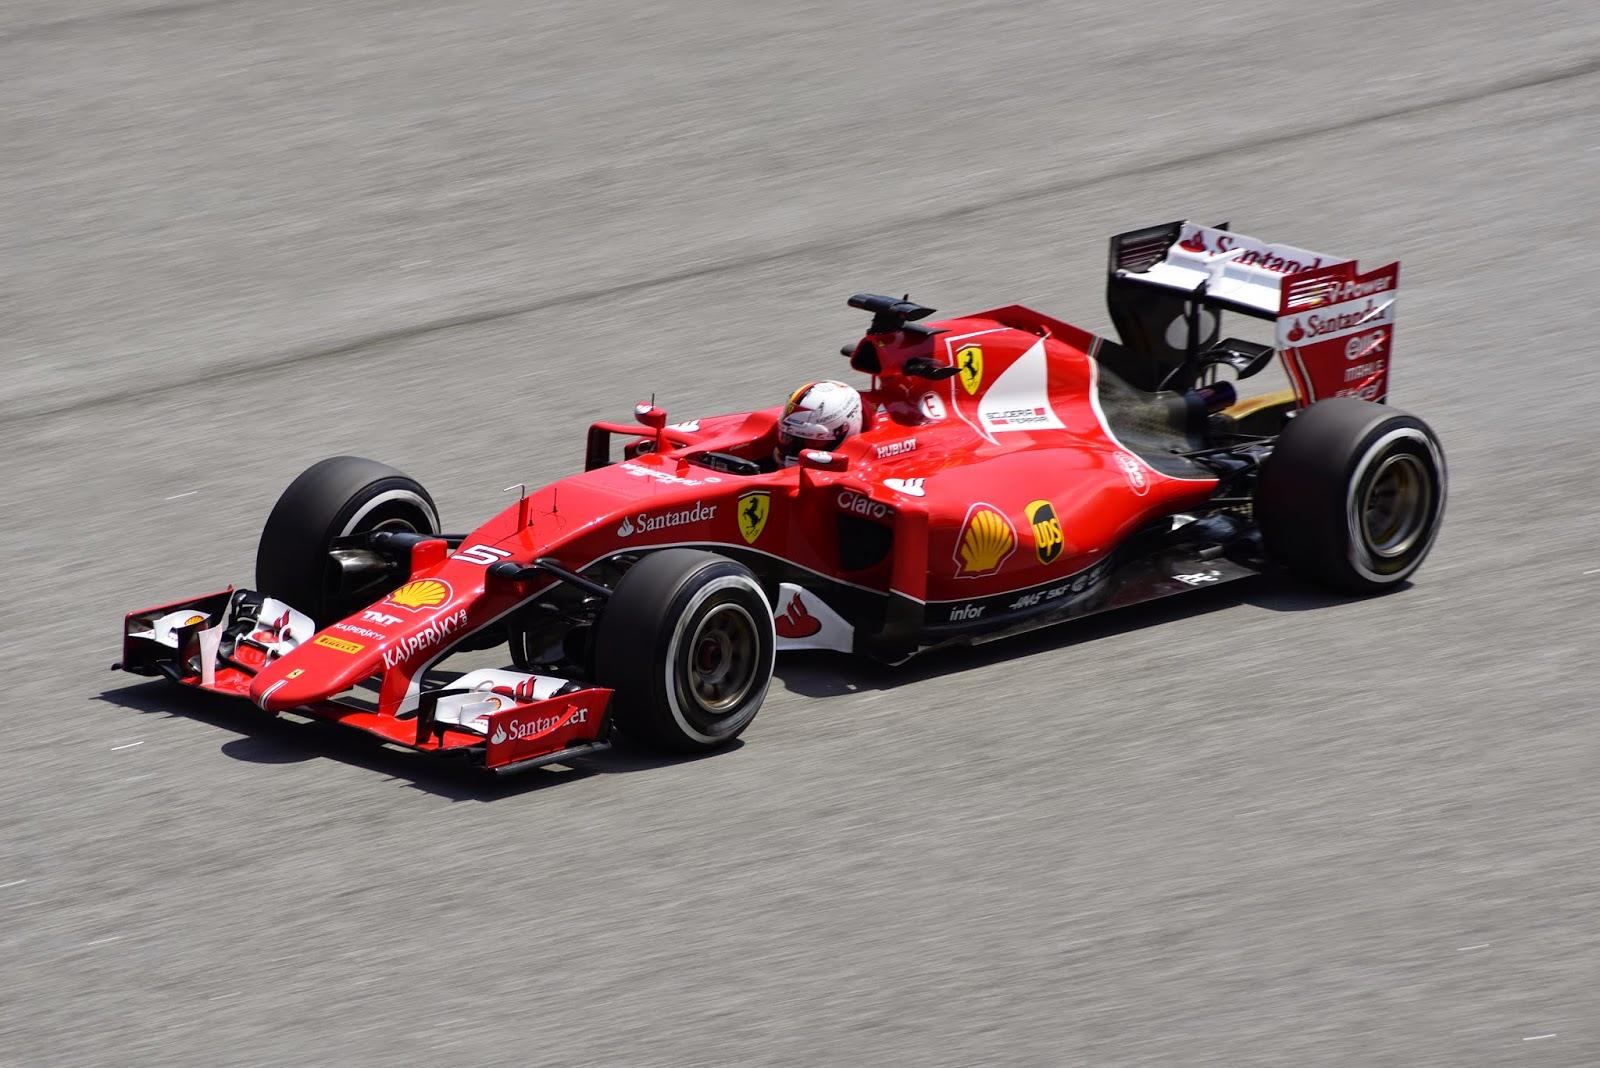 Sebastian Vettel FP2 Driving WIth Ferrari